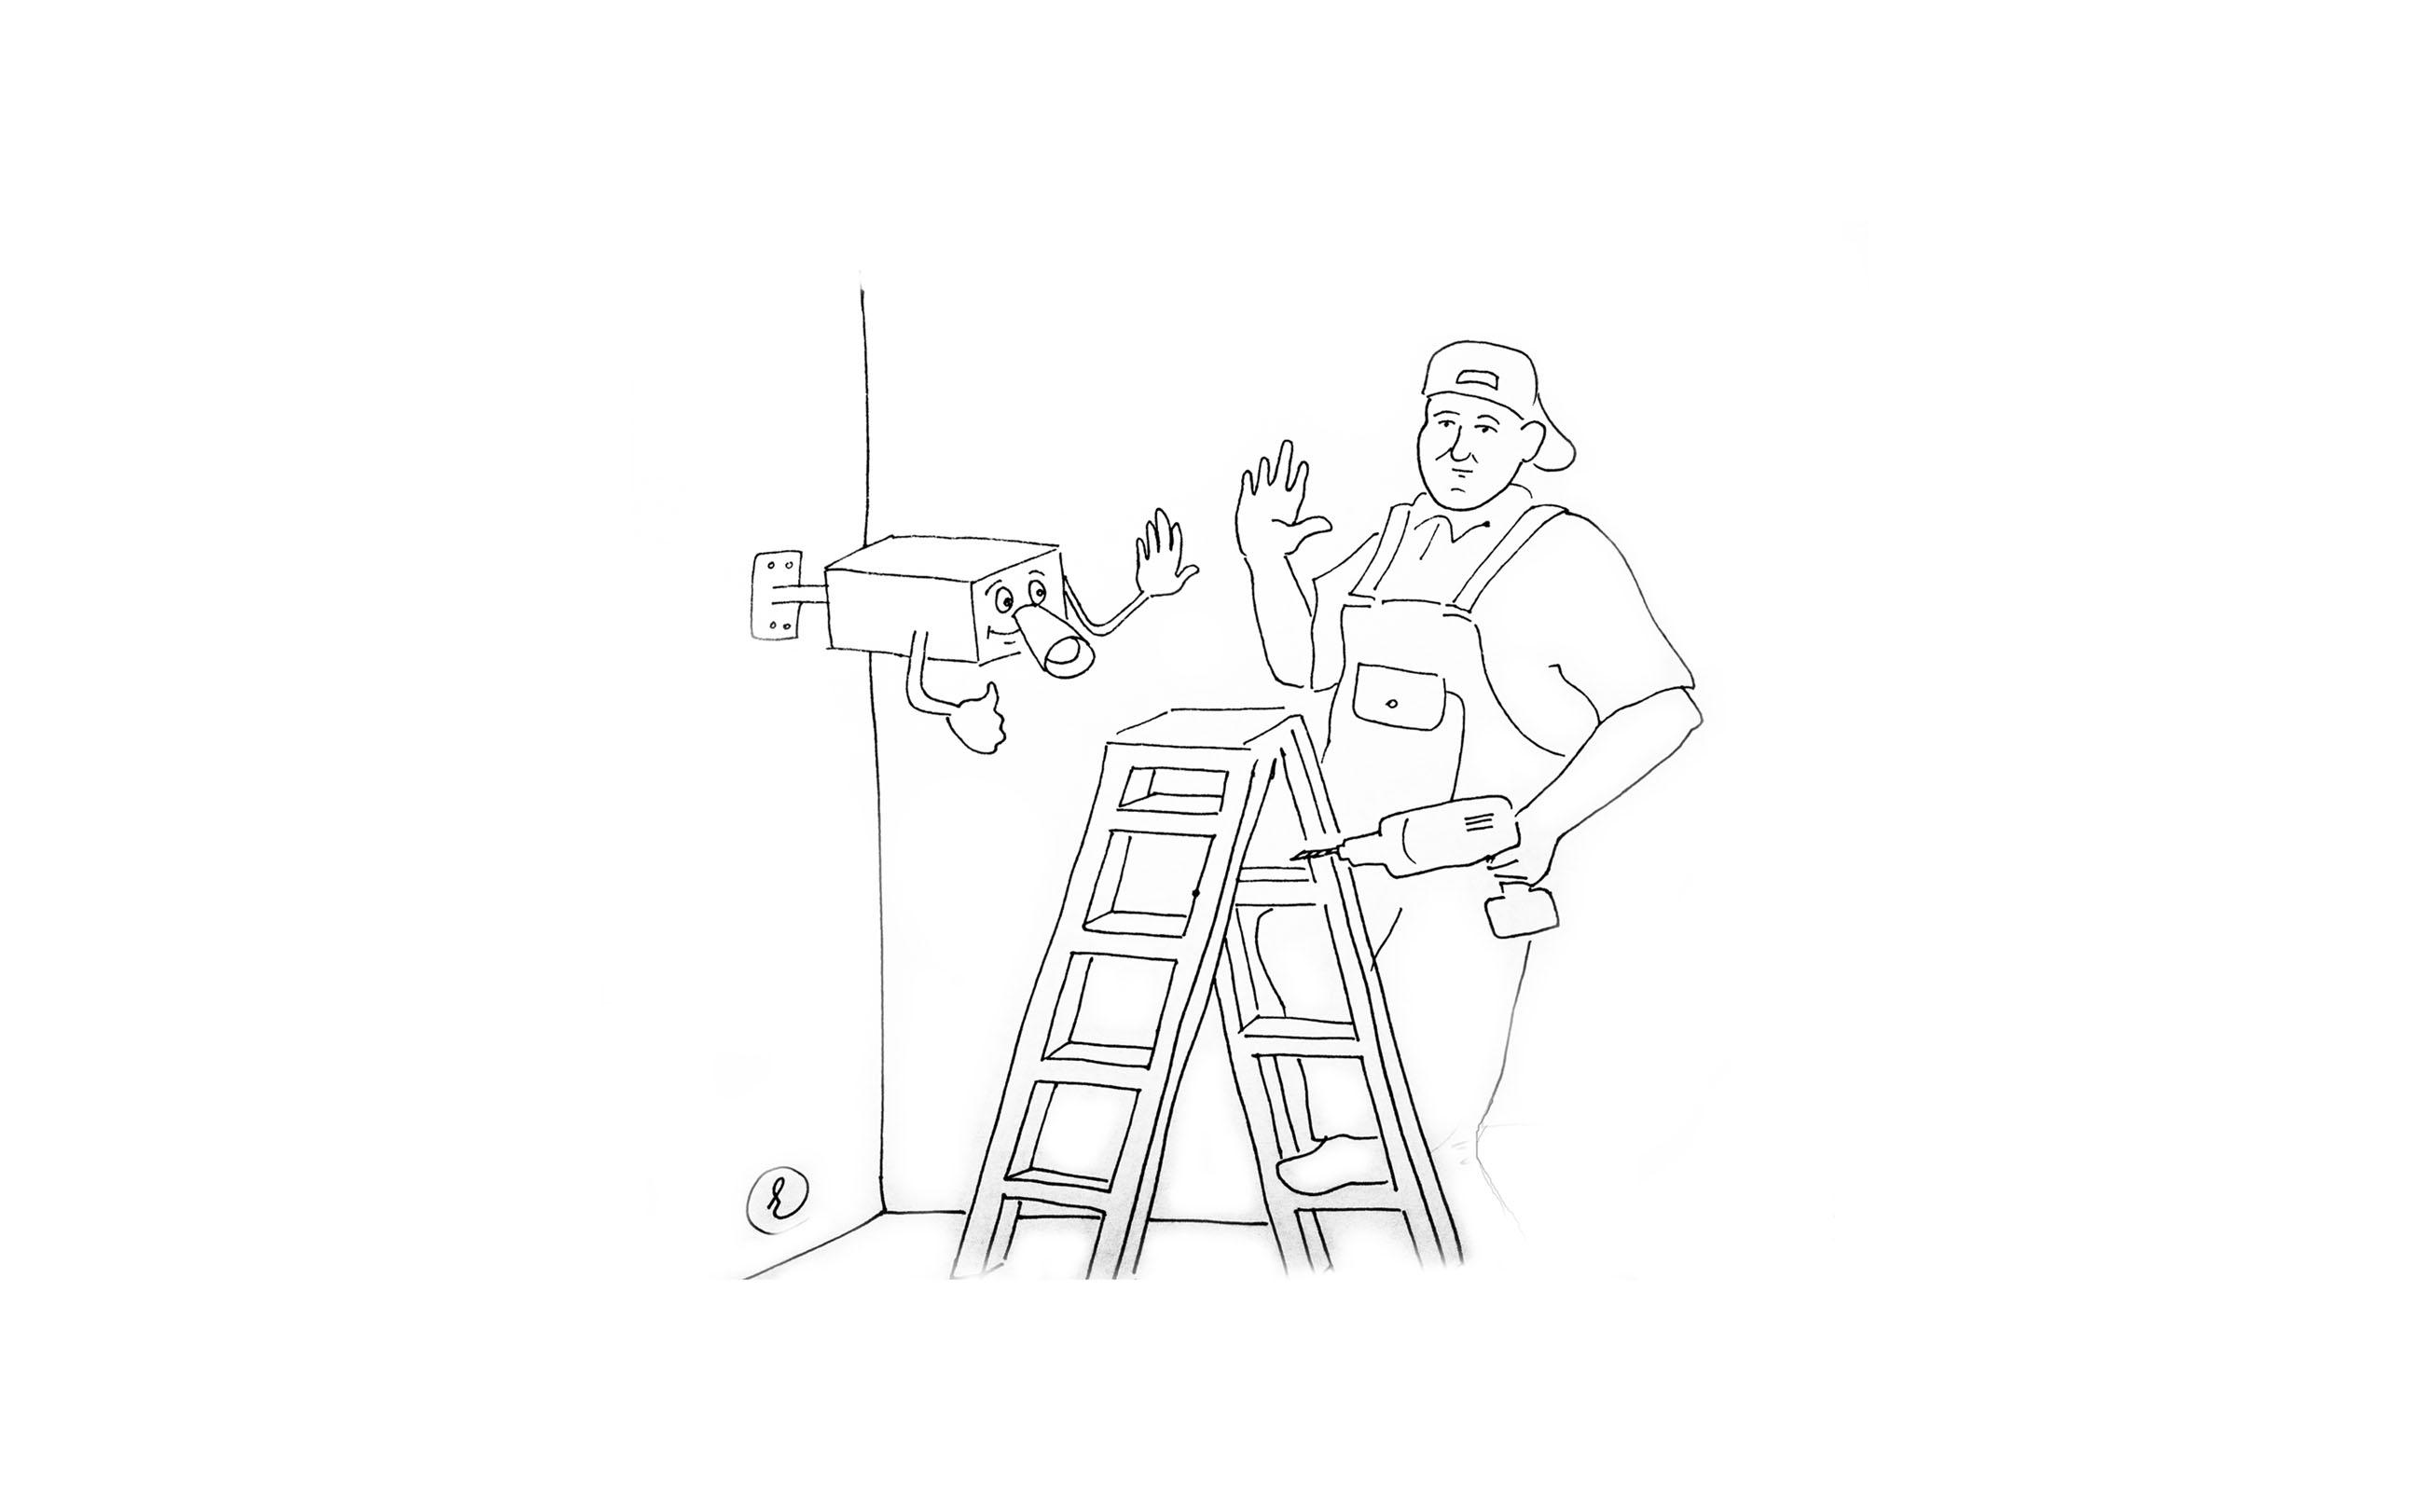 Беспроводное видеонаблюдение для квартиры скрытое купить